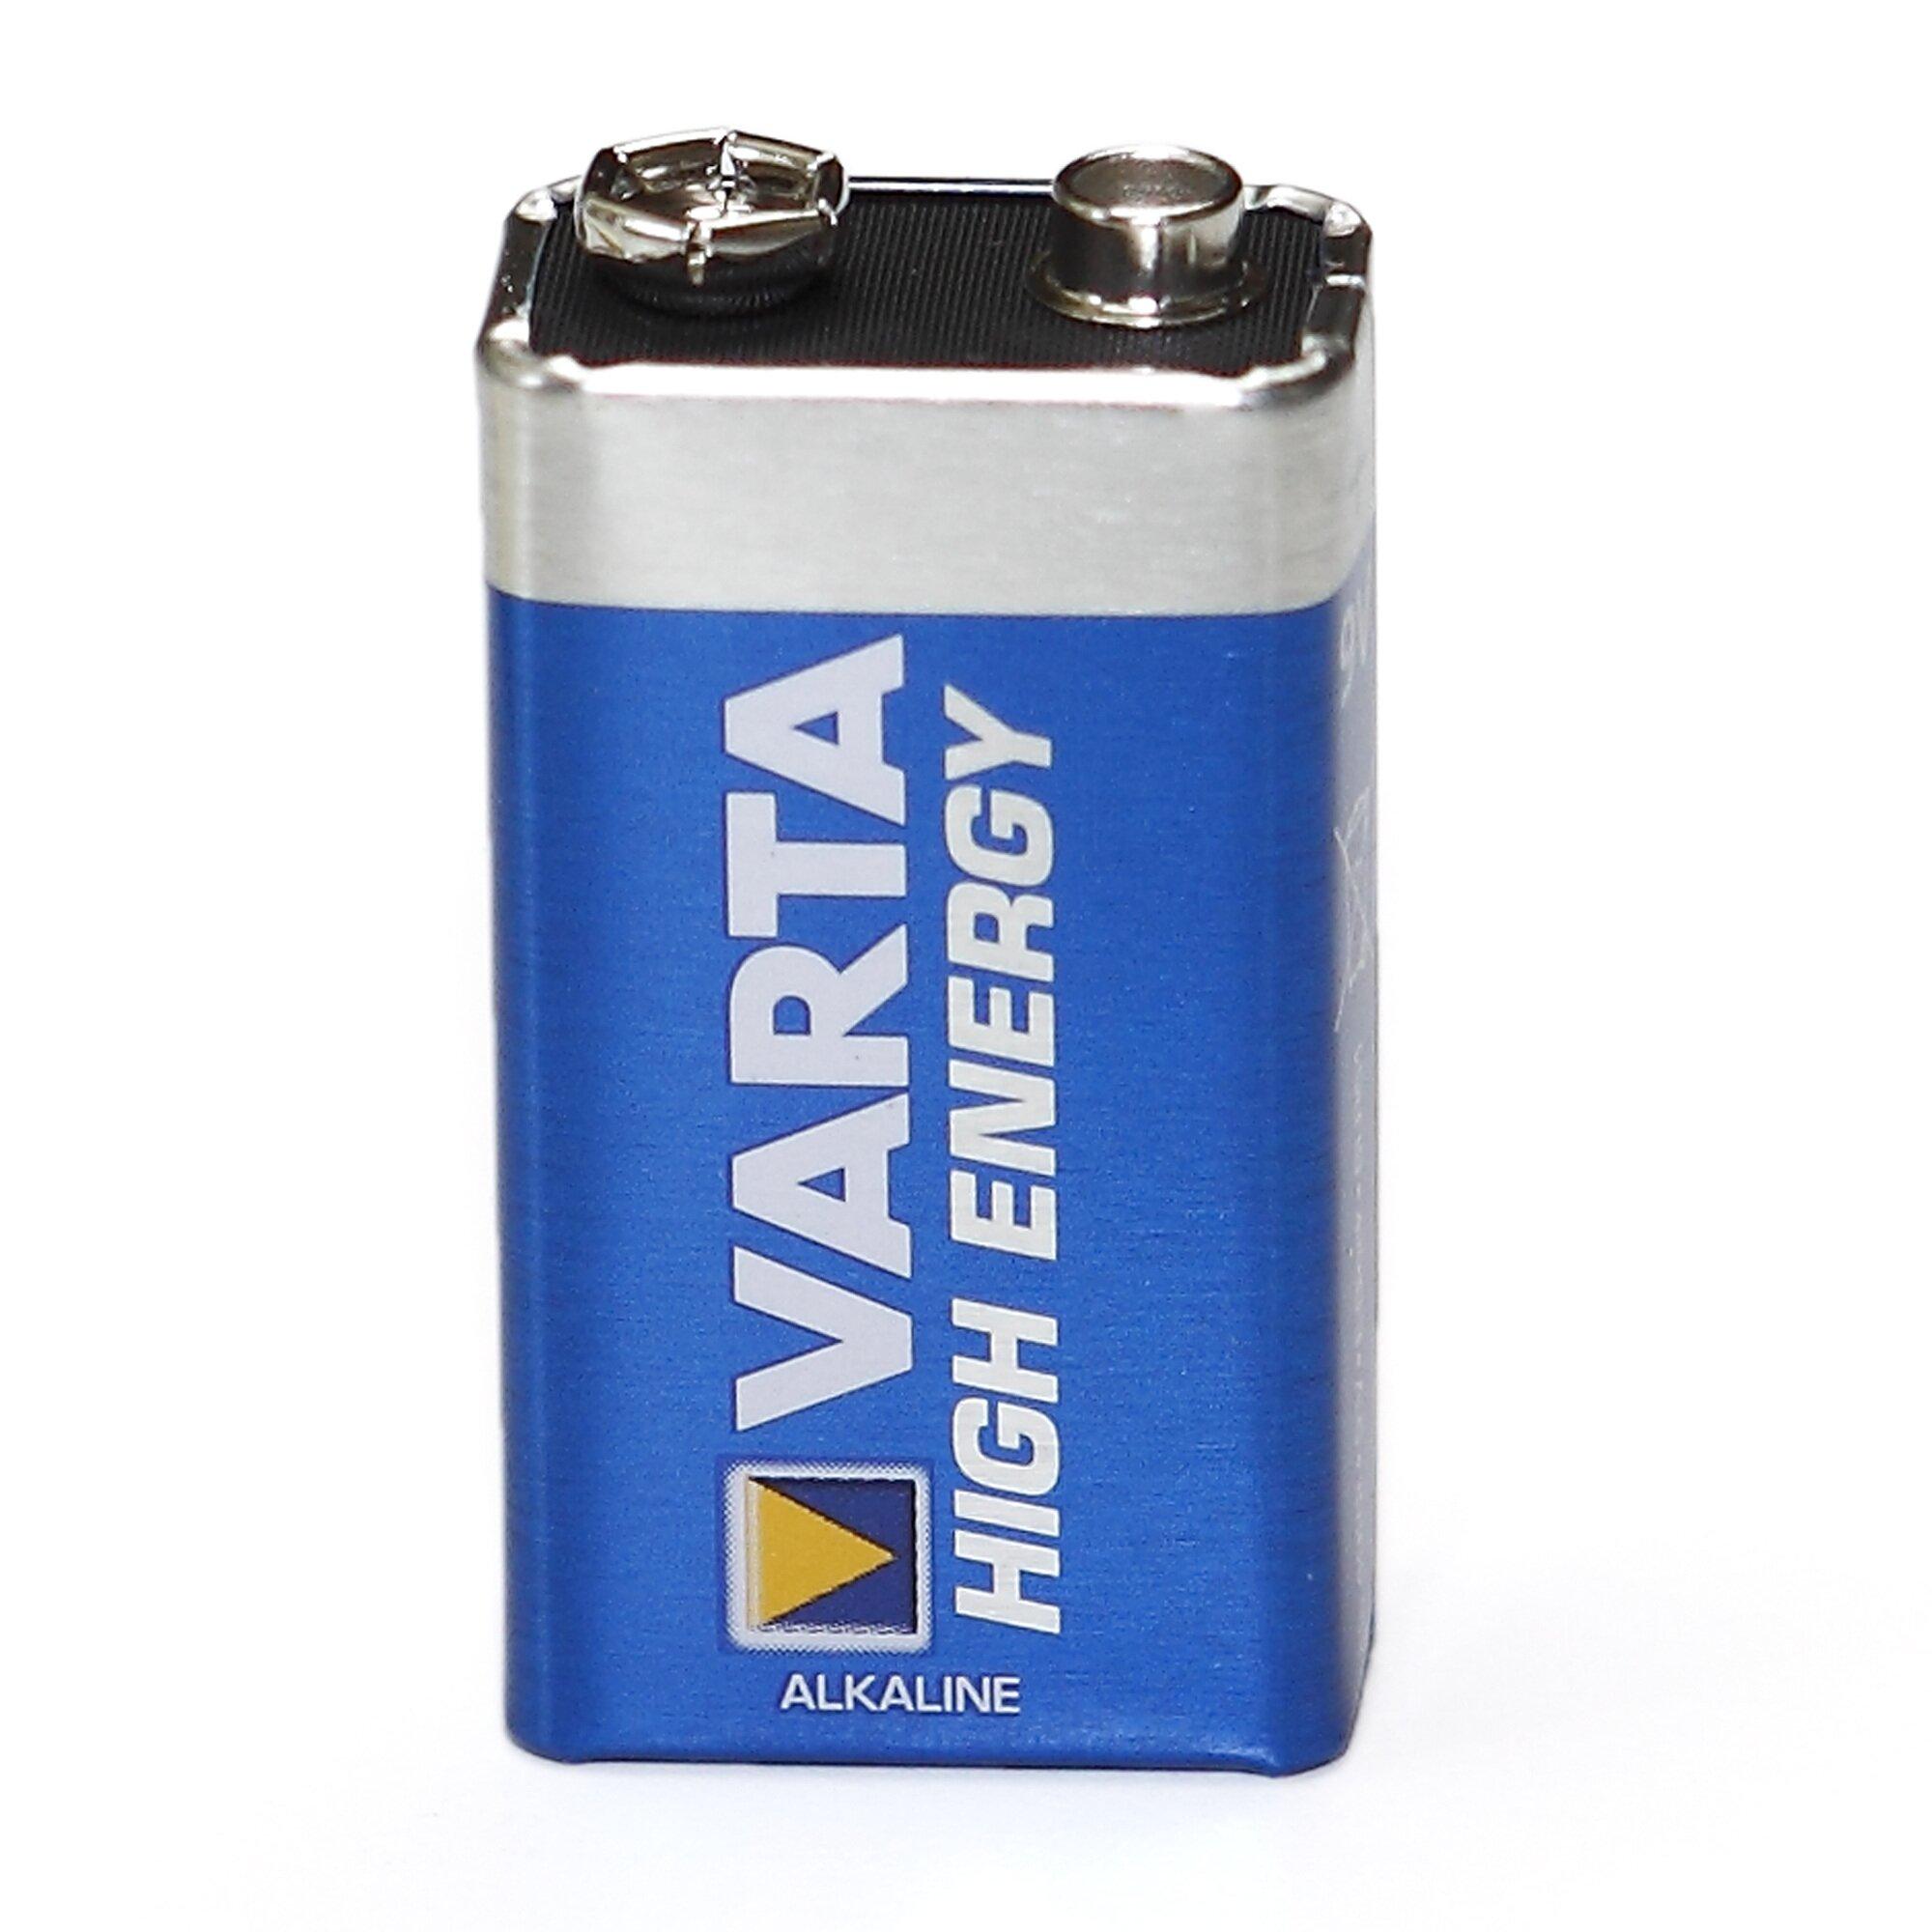 varta-alkaline-batterie-blau, 4.95 EUR @ babywalz-de